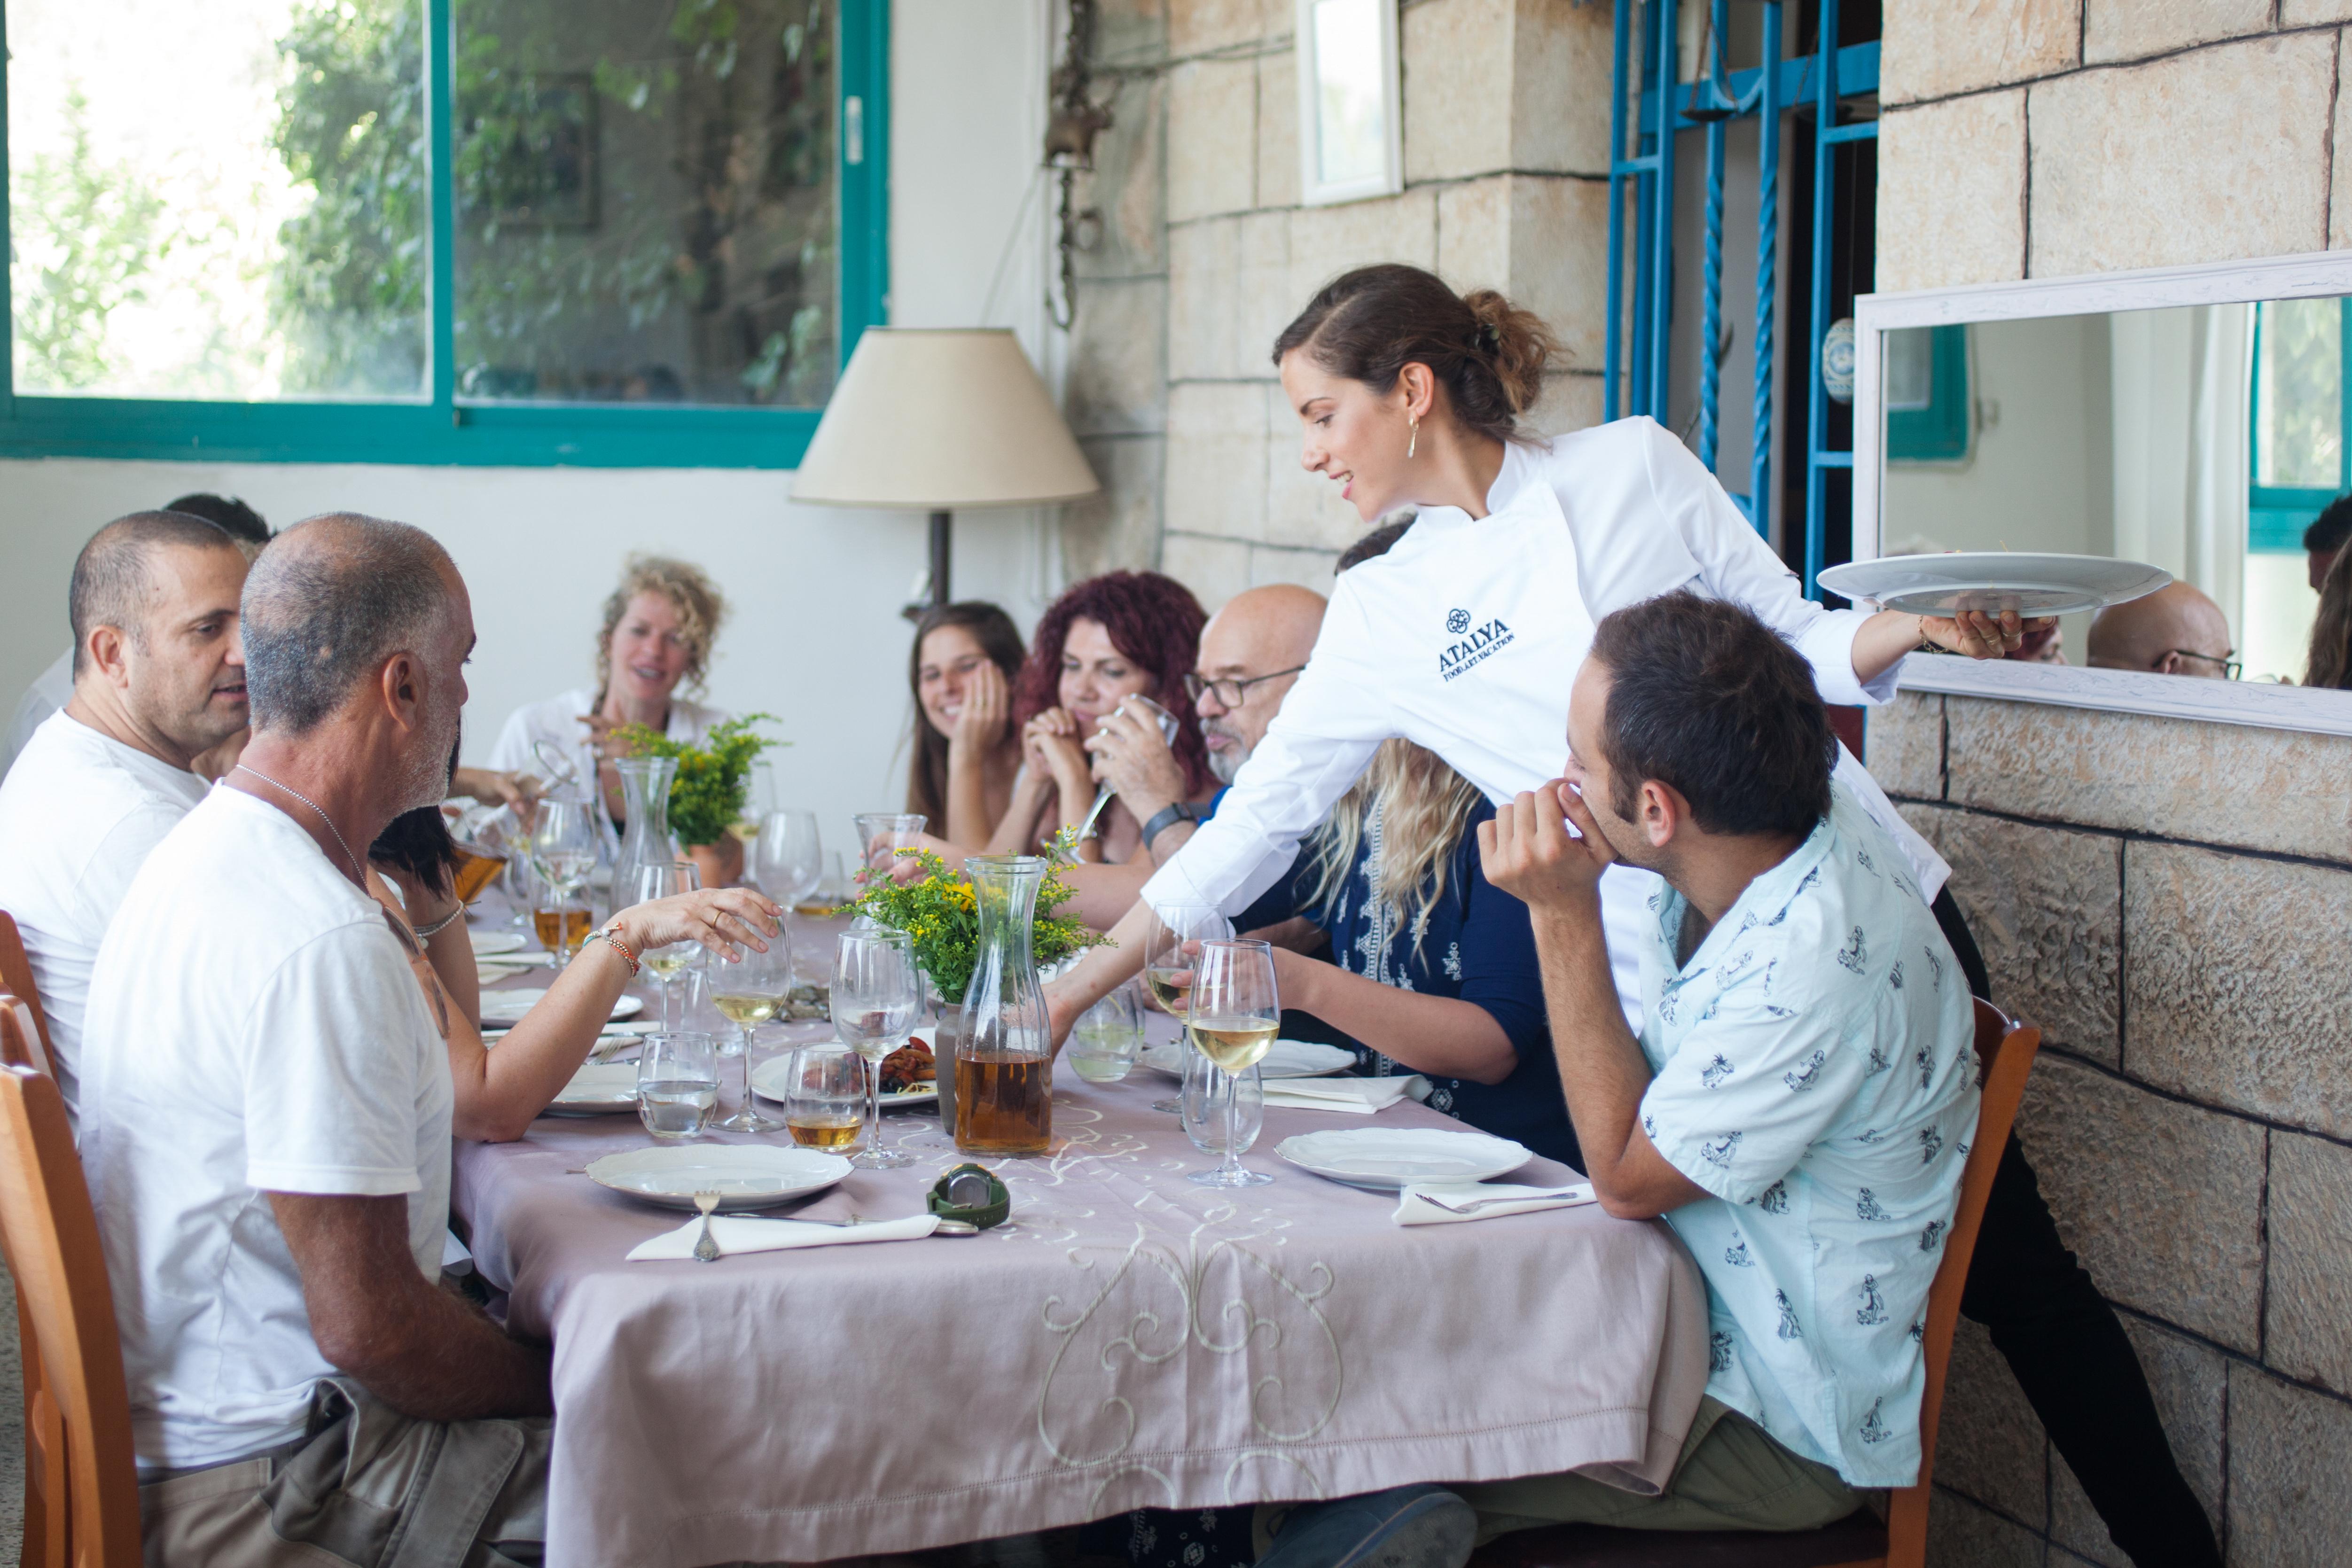 ארוחה פרטית אצל עתליה בעין כרם